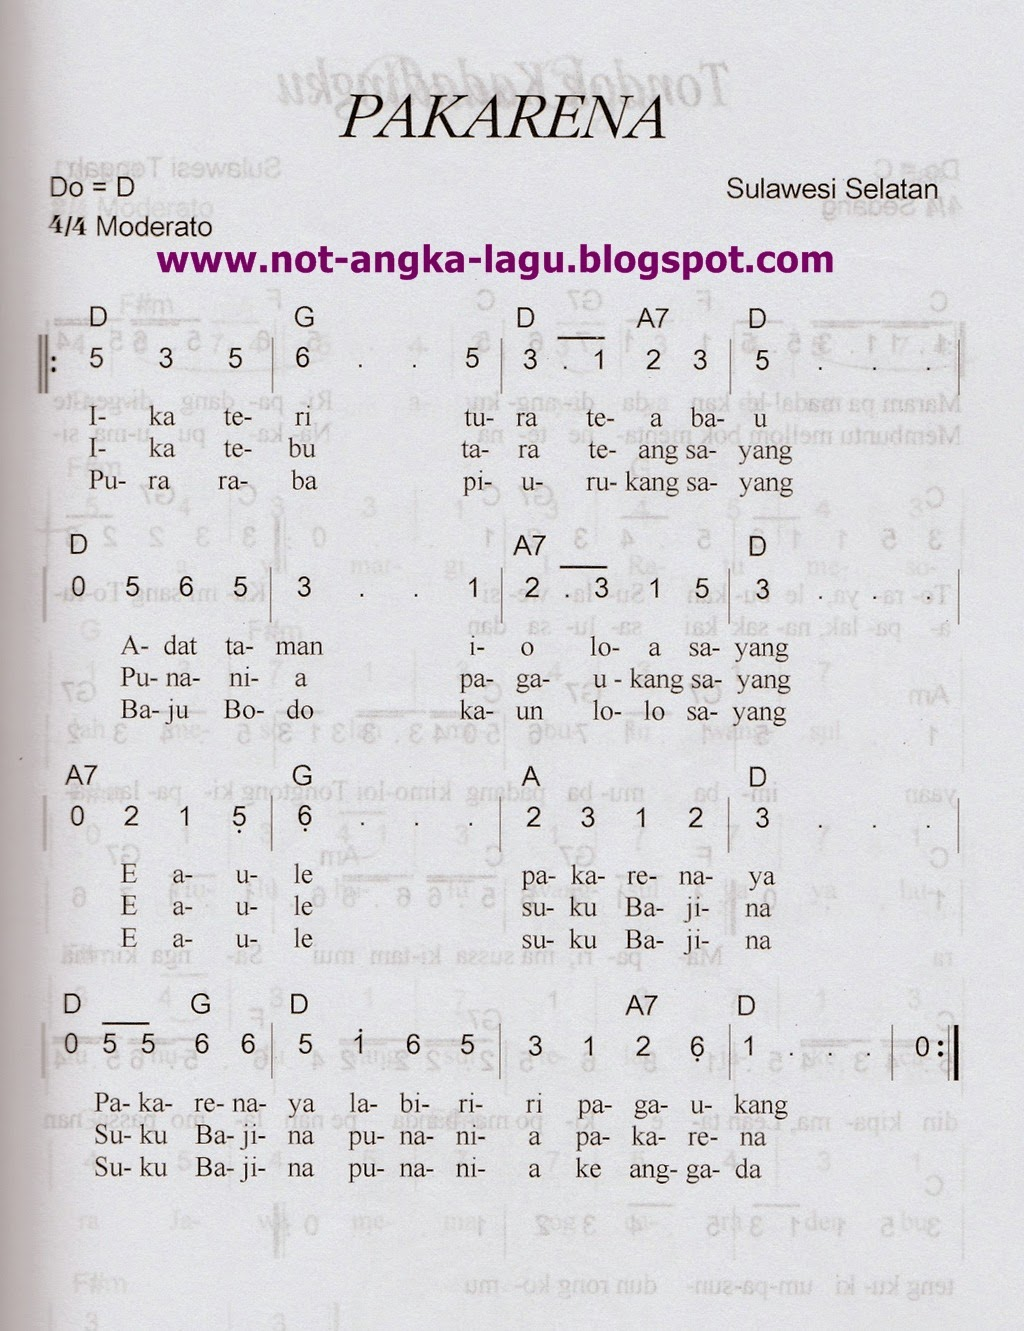 Kumpulan Lagu Bali Kumpulan Lagu Bali Terpopuler Not Angka Lagu Pakarena By Www Not Angka Lagu Blogspot Com